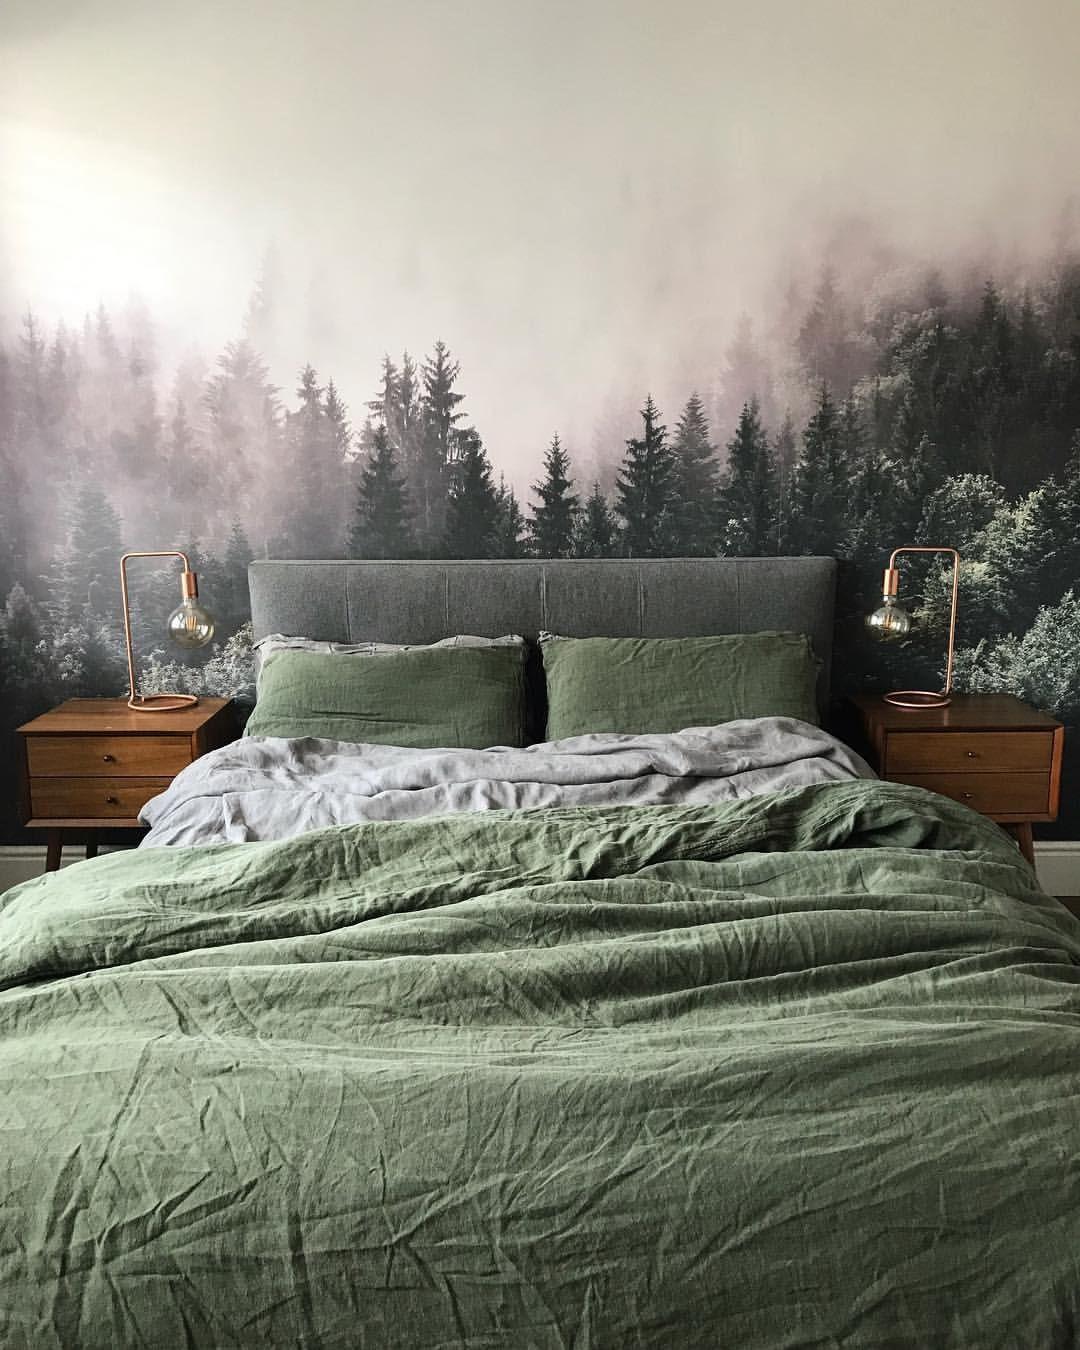 natural bedroom decor forests  natürliche schlafzimmer dekor wälder natural bedroom decor forests  bedroom decor Country White bedroom decor Gray bedroom decor